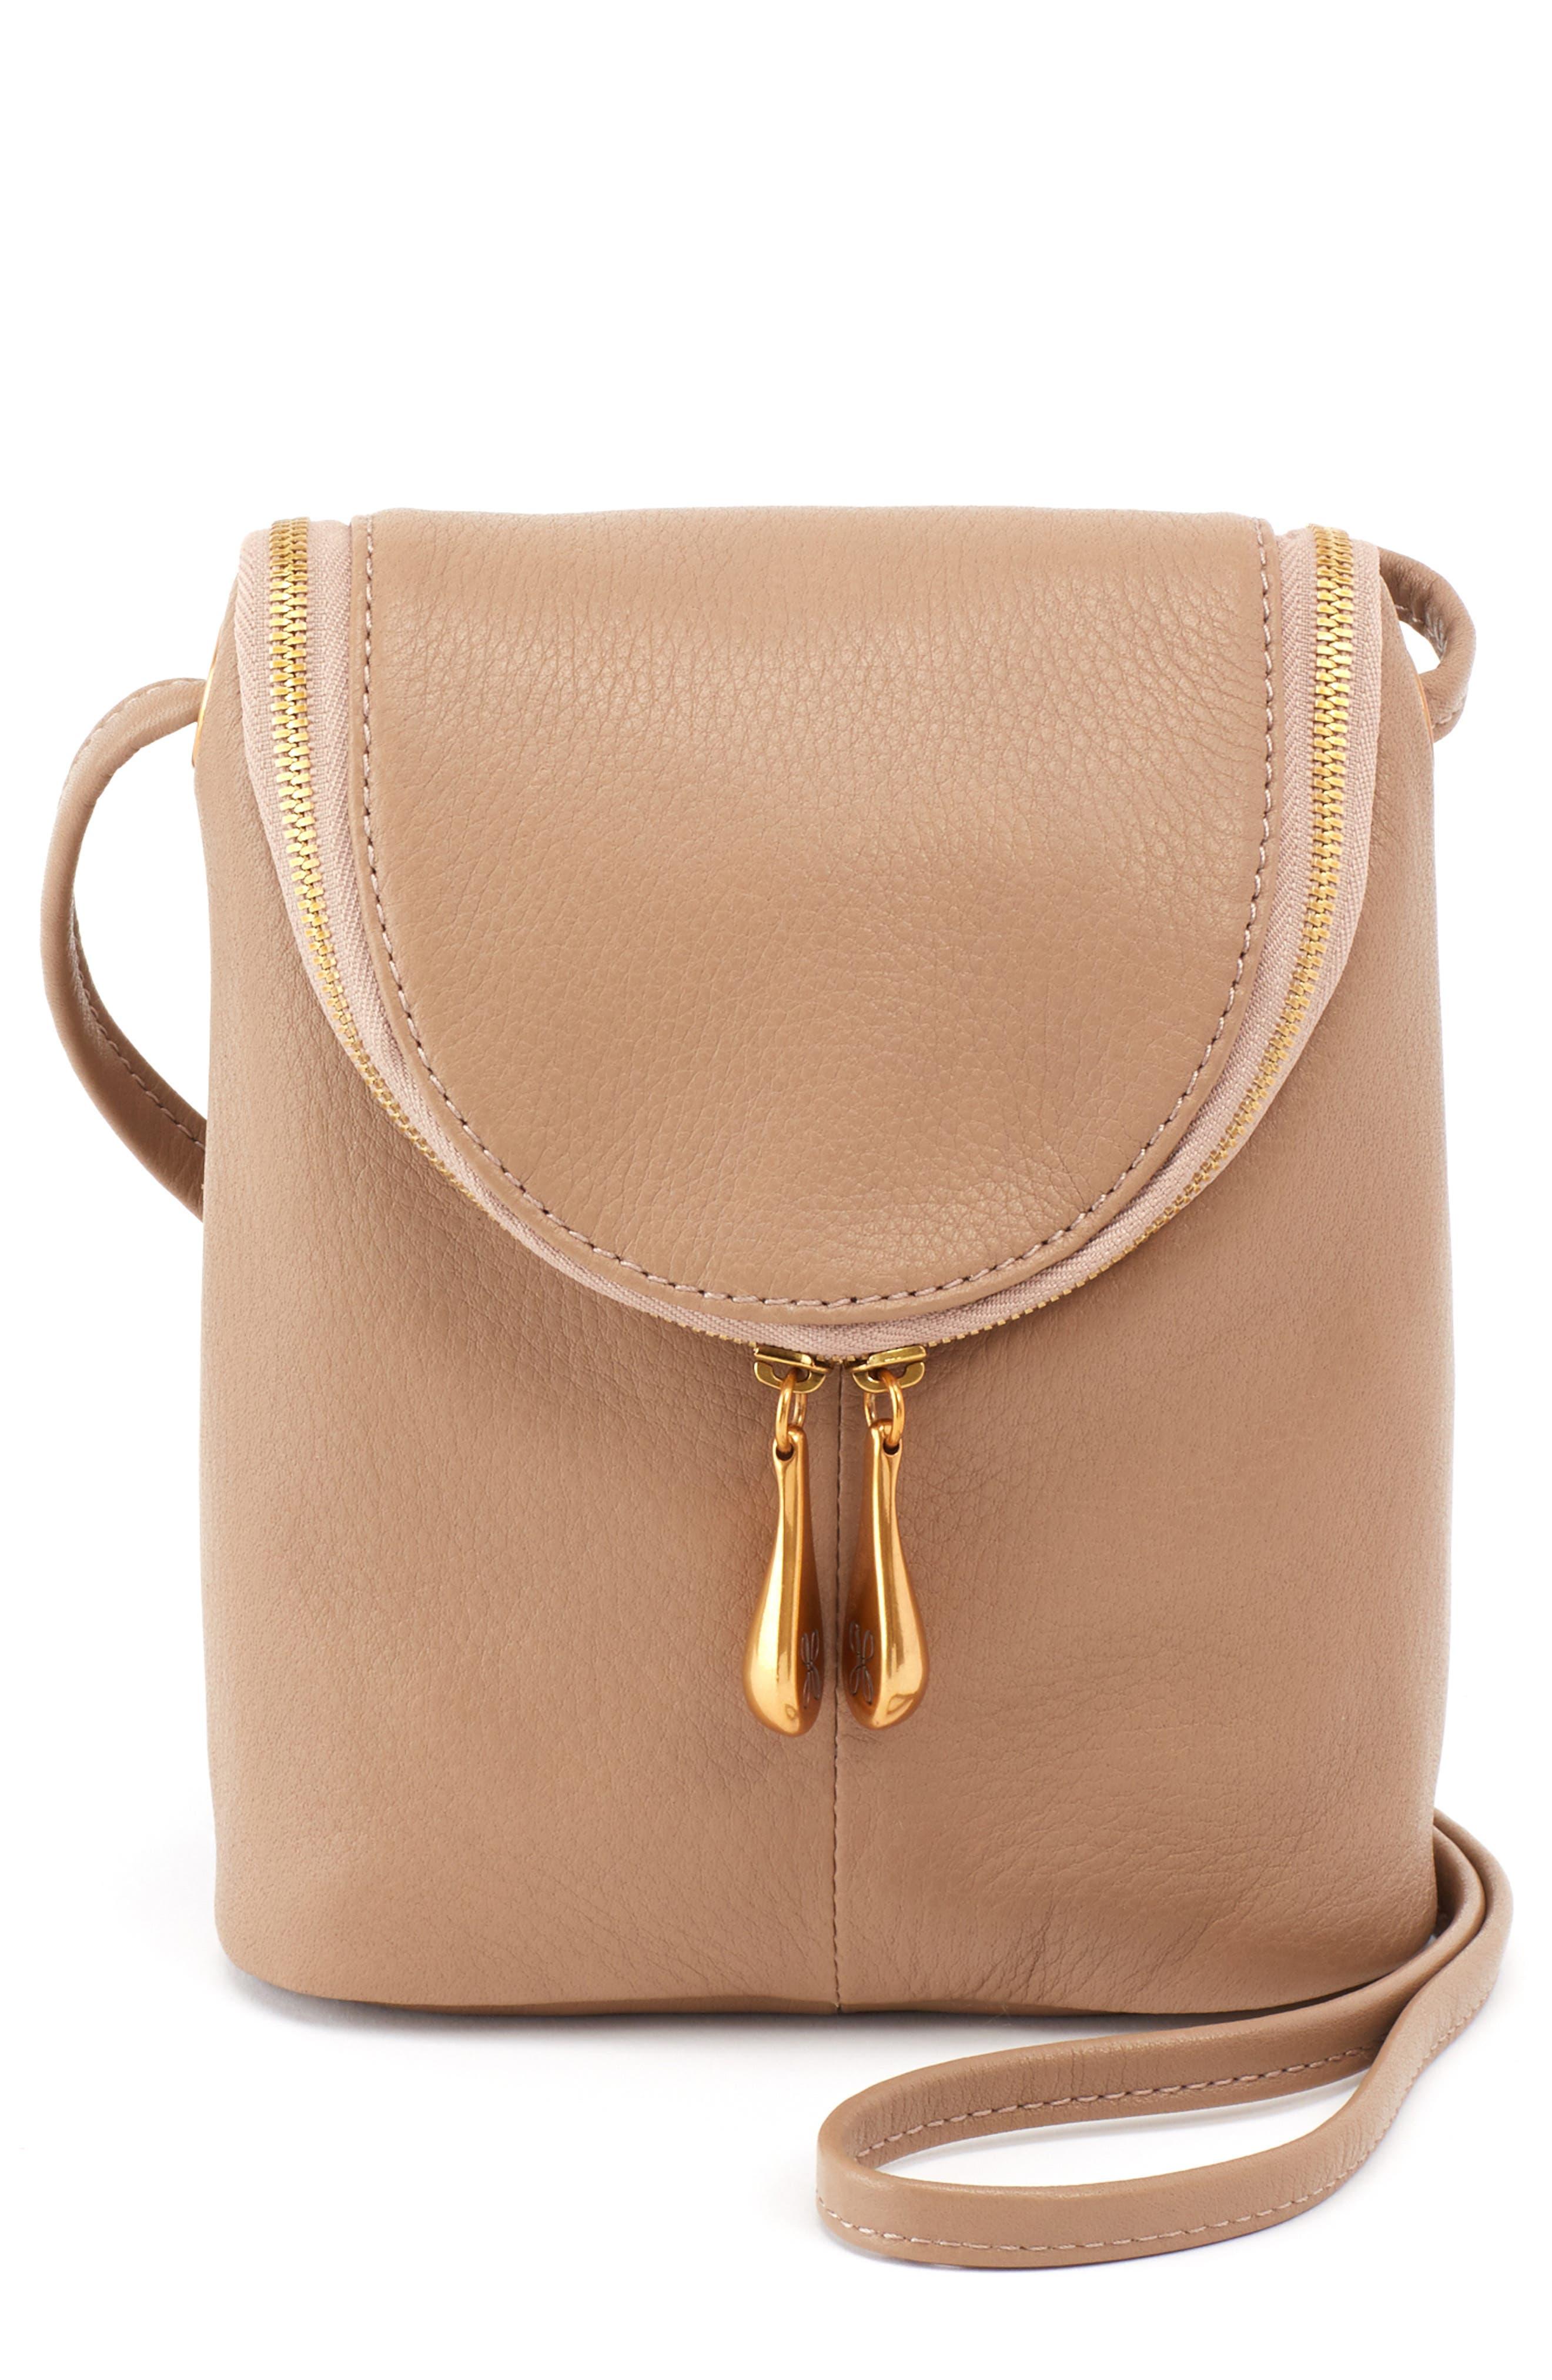 Fern Saddle Bag,                         Main,                         color, 020